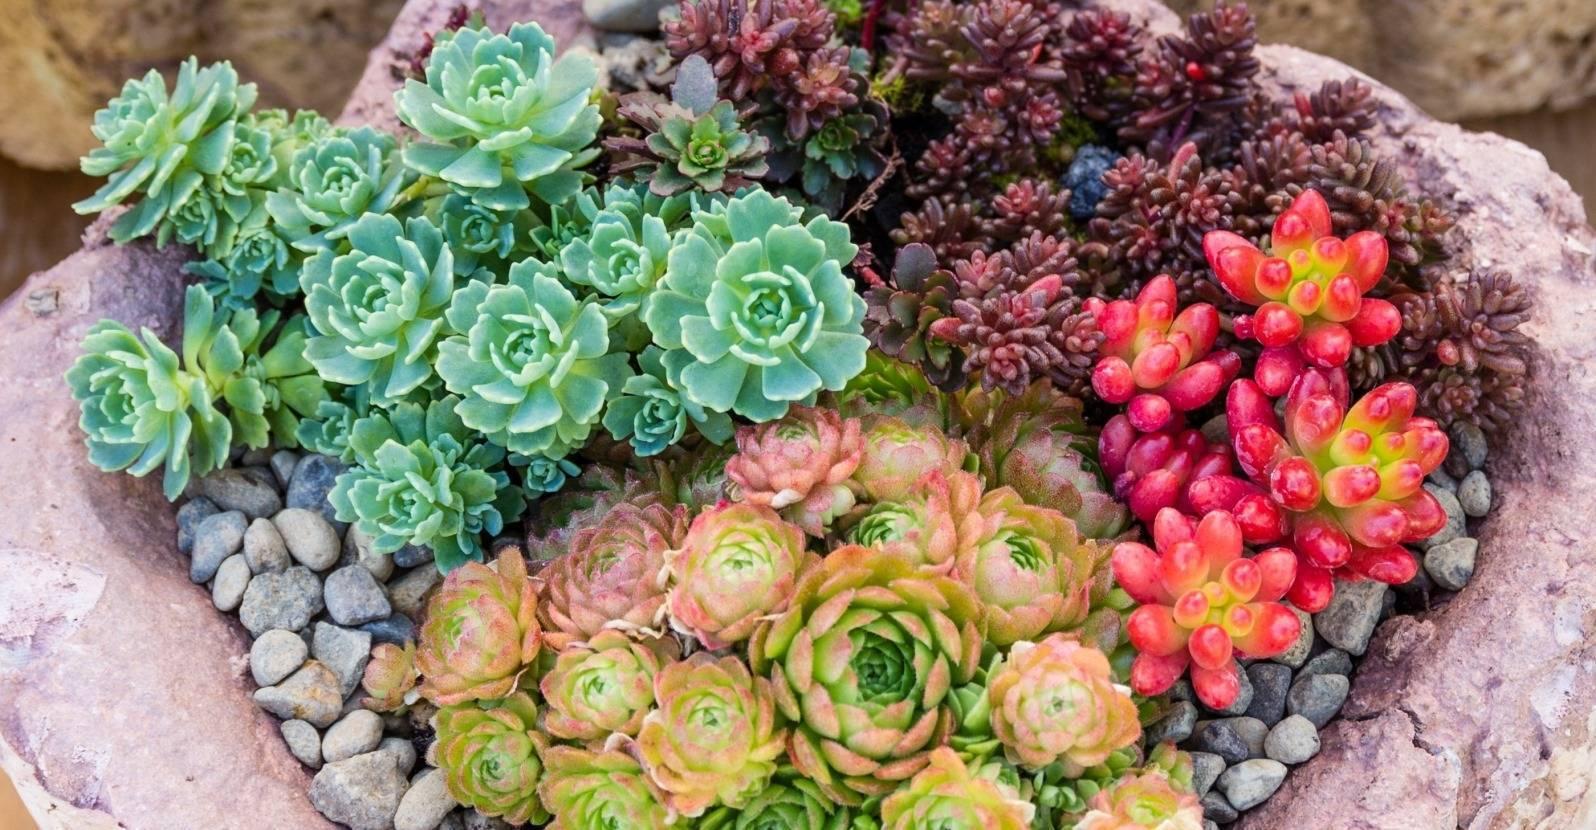 Многолетние цветы очиток: фото и названия видов, уход за растением